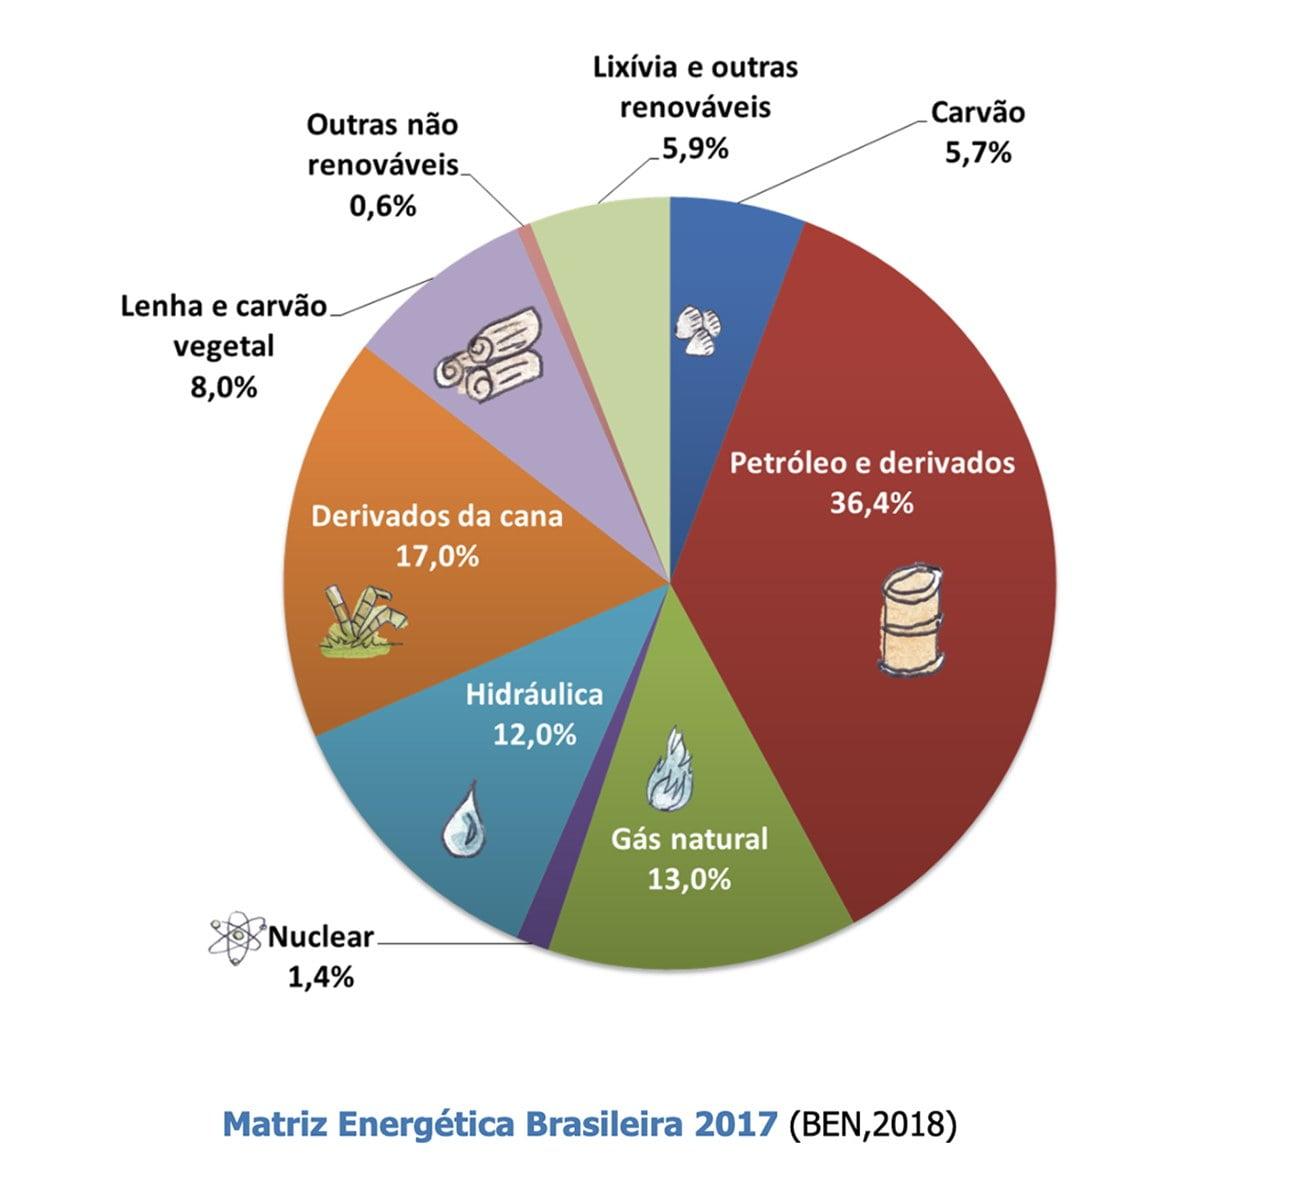 infográfico mostra a matriz energética brasileira